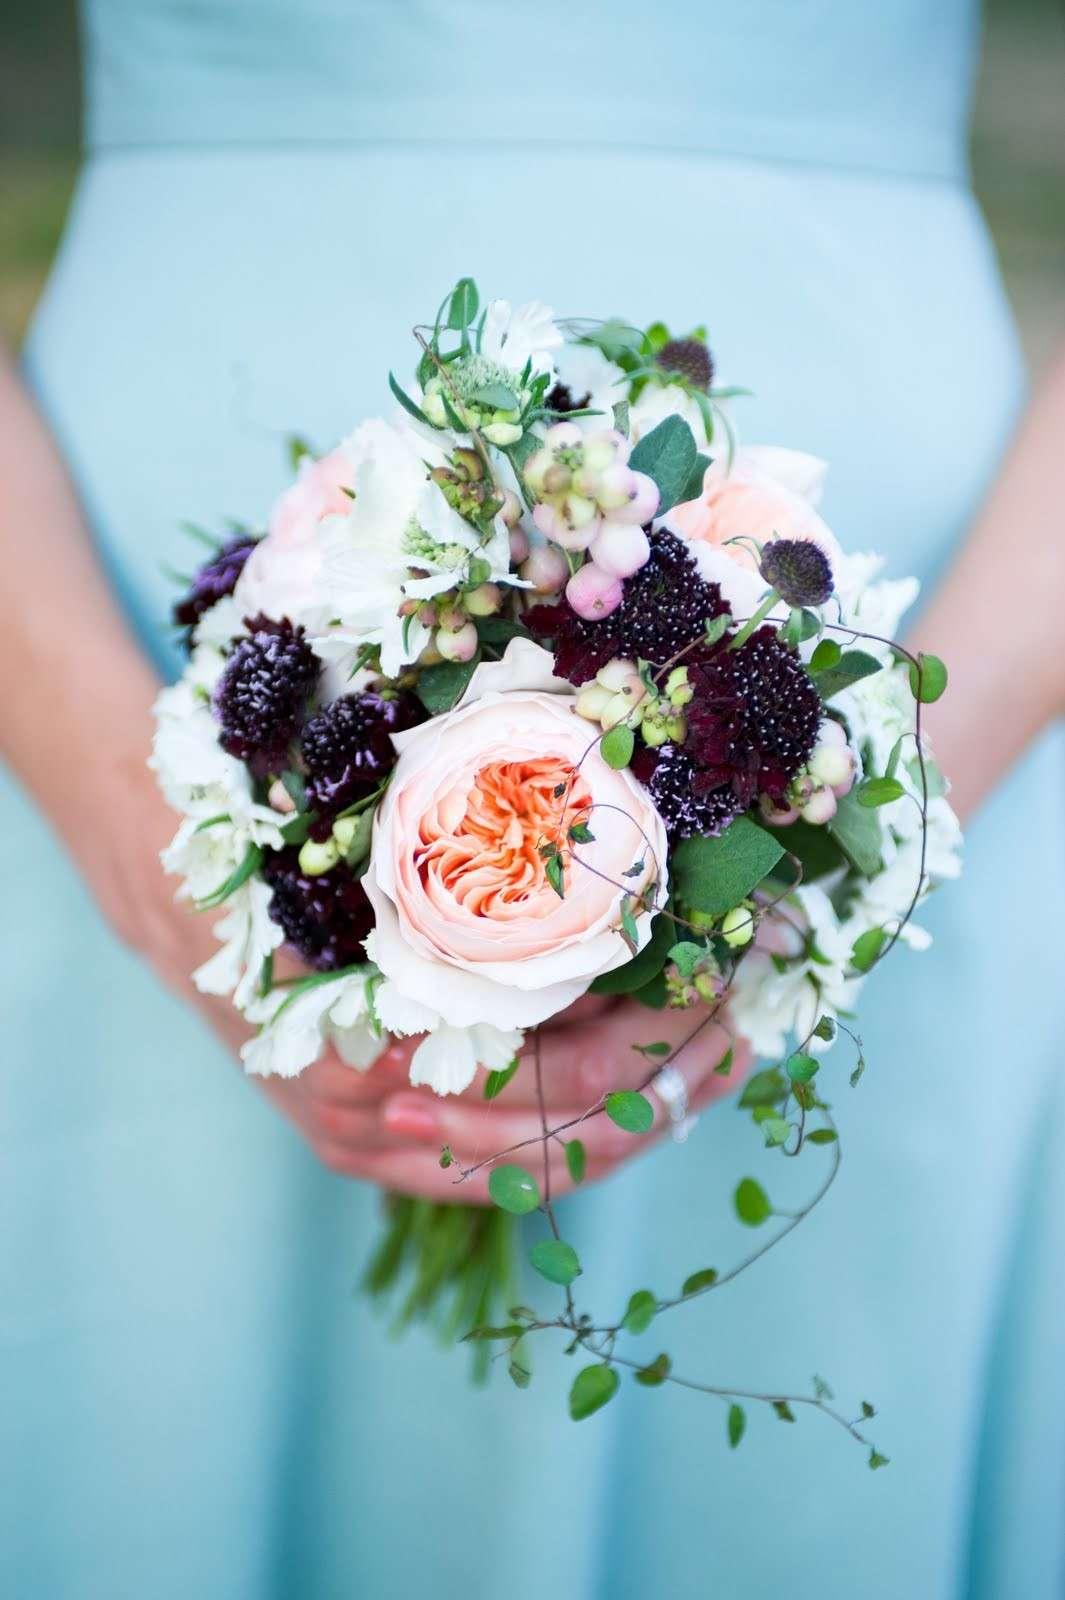 Fiori per matrimonio: prezzi e idee per tutti i gusti [FOTO]